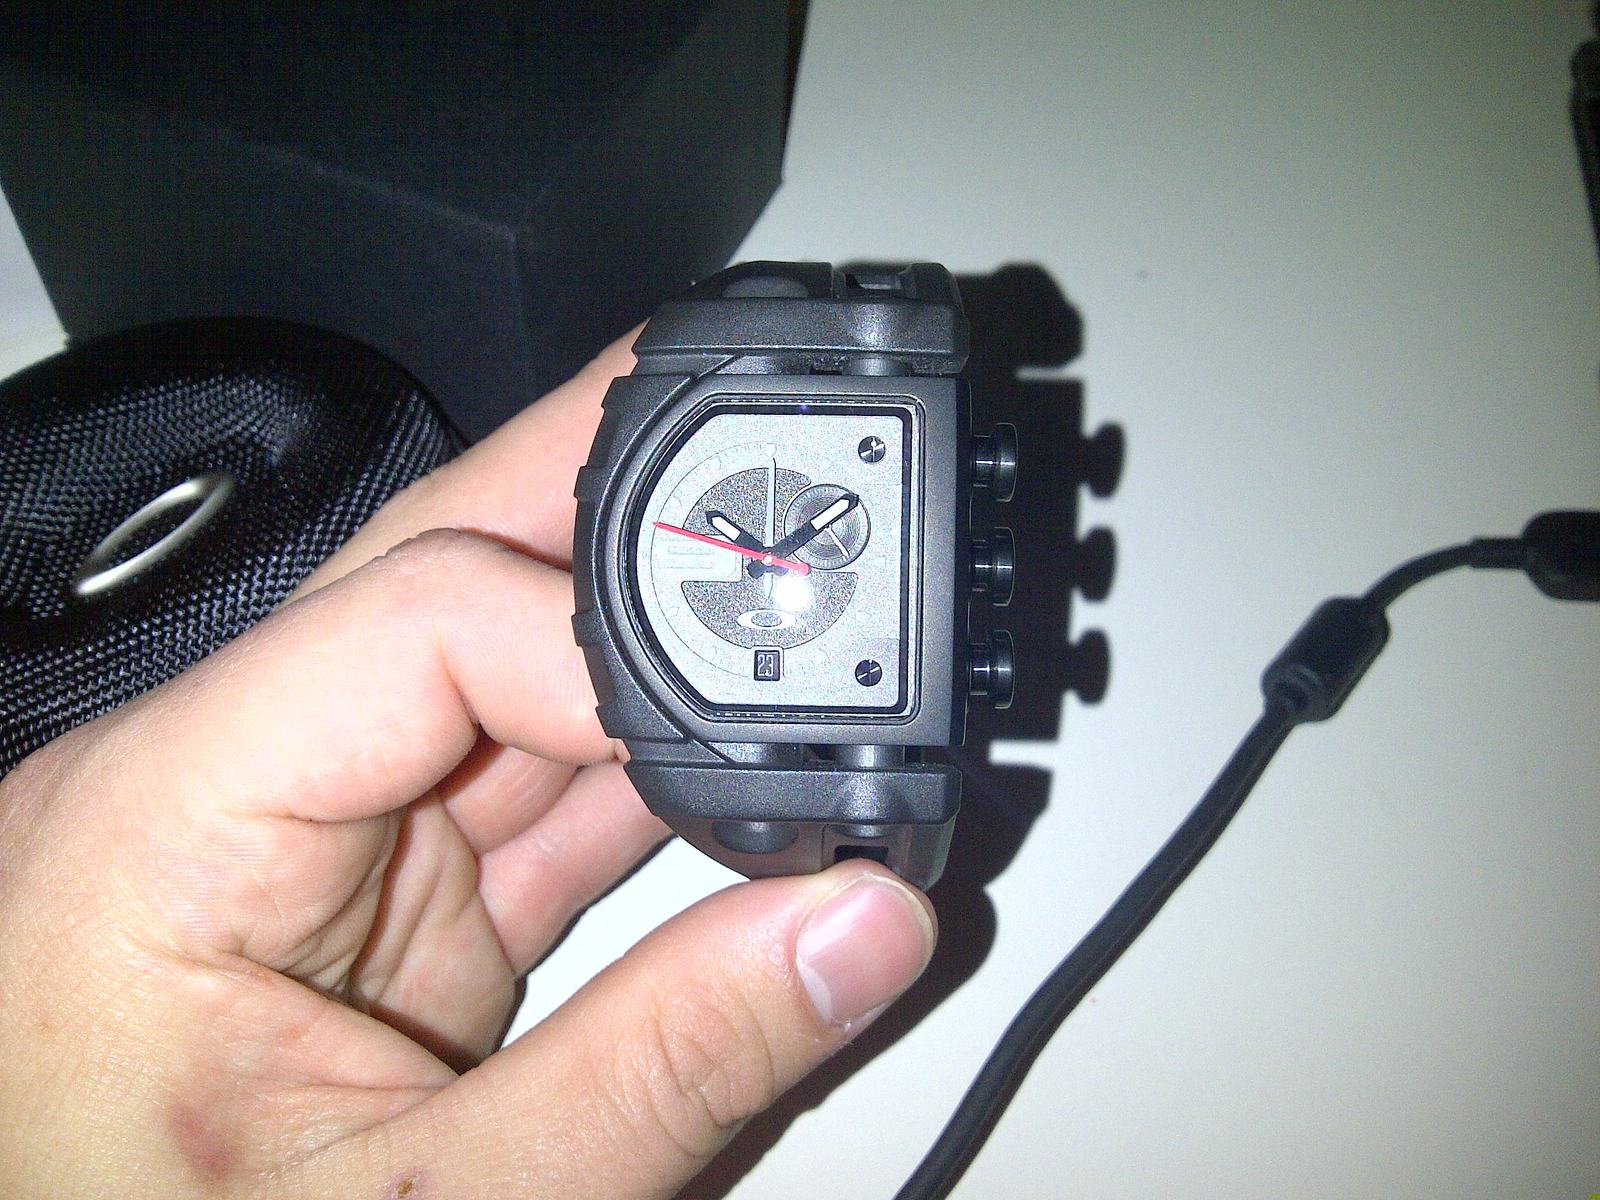 Watch For Sale - 7e9v.jpg